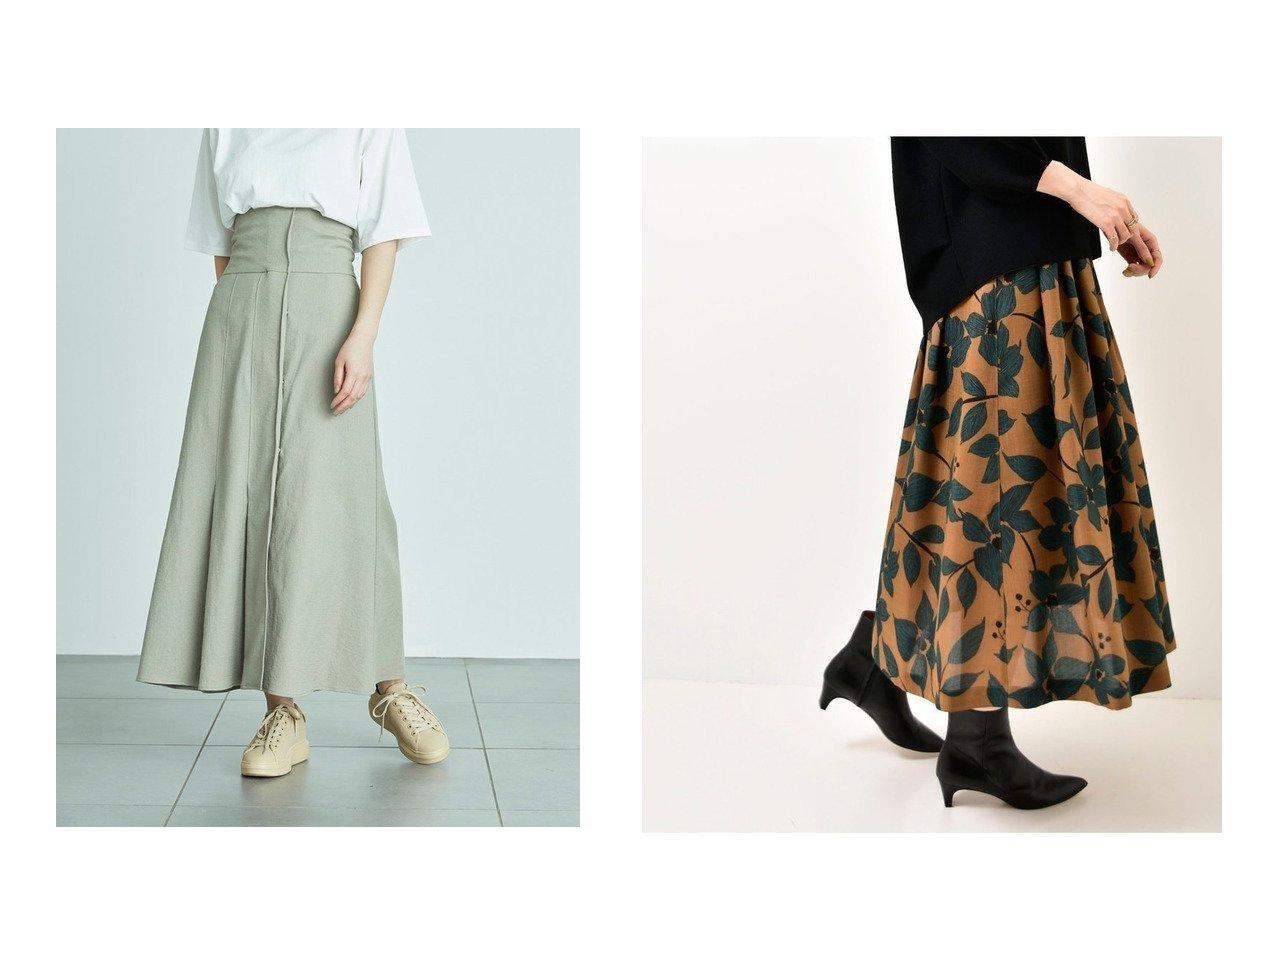 【emmi/エミ】の【emmi atelier】ハイウエストストレッチスカート&【le.coeur blanc/ルクールブラン】のアートフラワータックギャザースカート 【スカート】おすすめ!人気、トレンド・レディースファッションの通販 おすすめで人気の流行・トレンド、ファッションの通販商品 インテリア・家具・メンズファッション・キッズファッション・レディースファッション・服の通販 founy(ファニー) https://founy.com/ ファッション Fashion レディースファッション WOMEN スカート Skirt ロングスカート Long Skirt プリーツスカート Pleated Skirts ストレッチ ロング 吸水 おすすめ Recommend ギャザー フラワー プリント プリーツ リブニット  ID:crp329100000068578